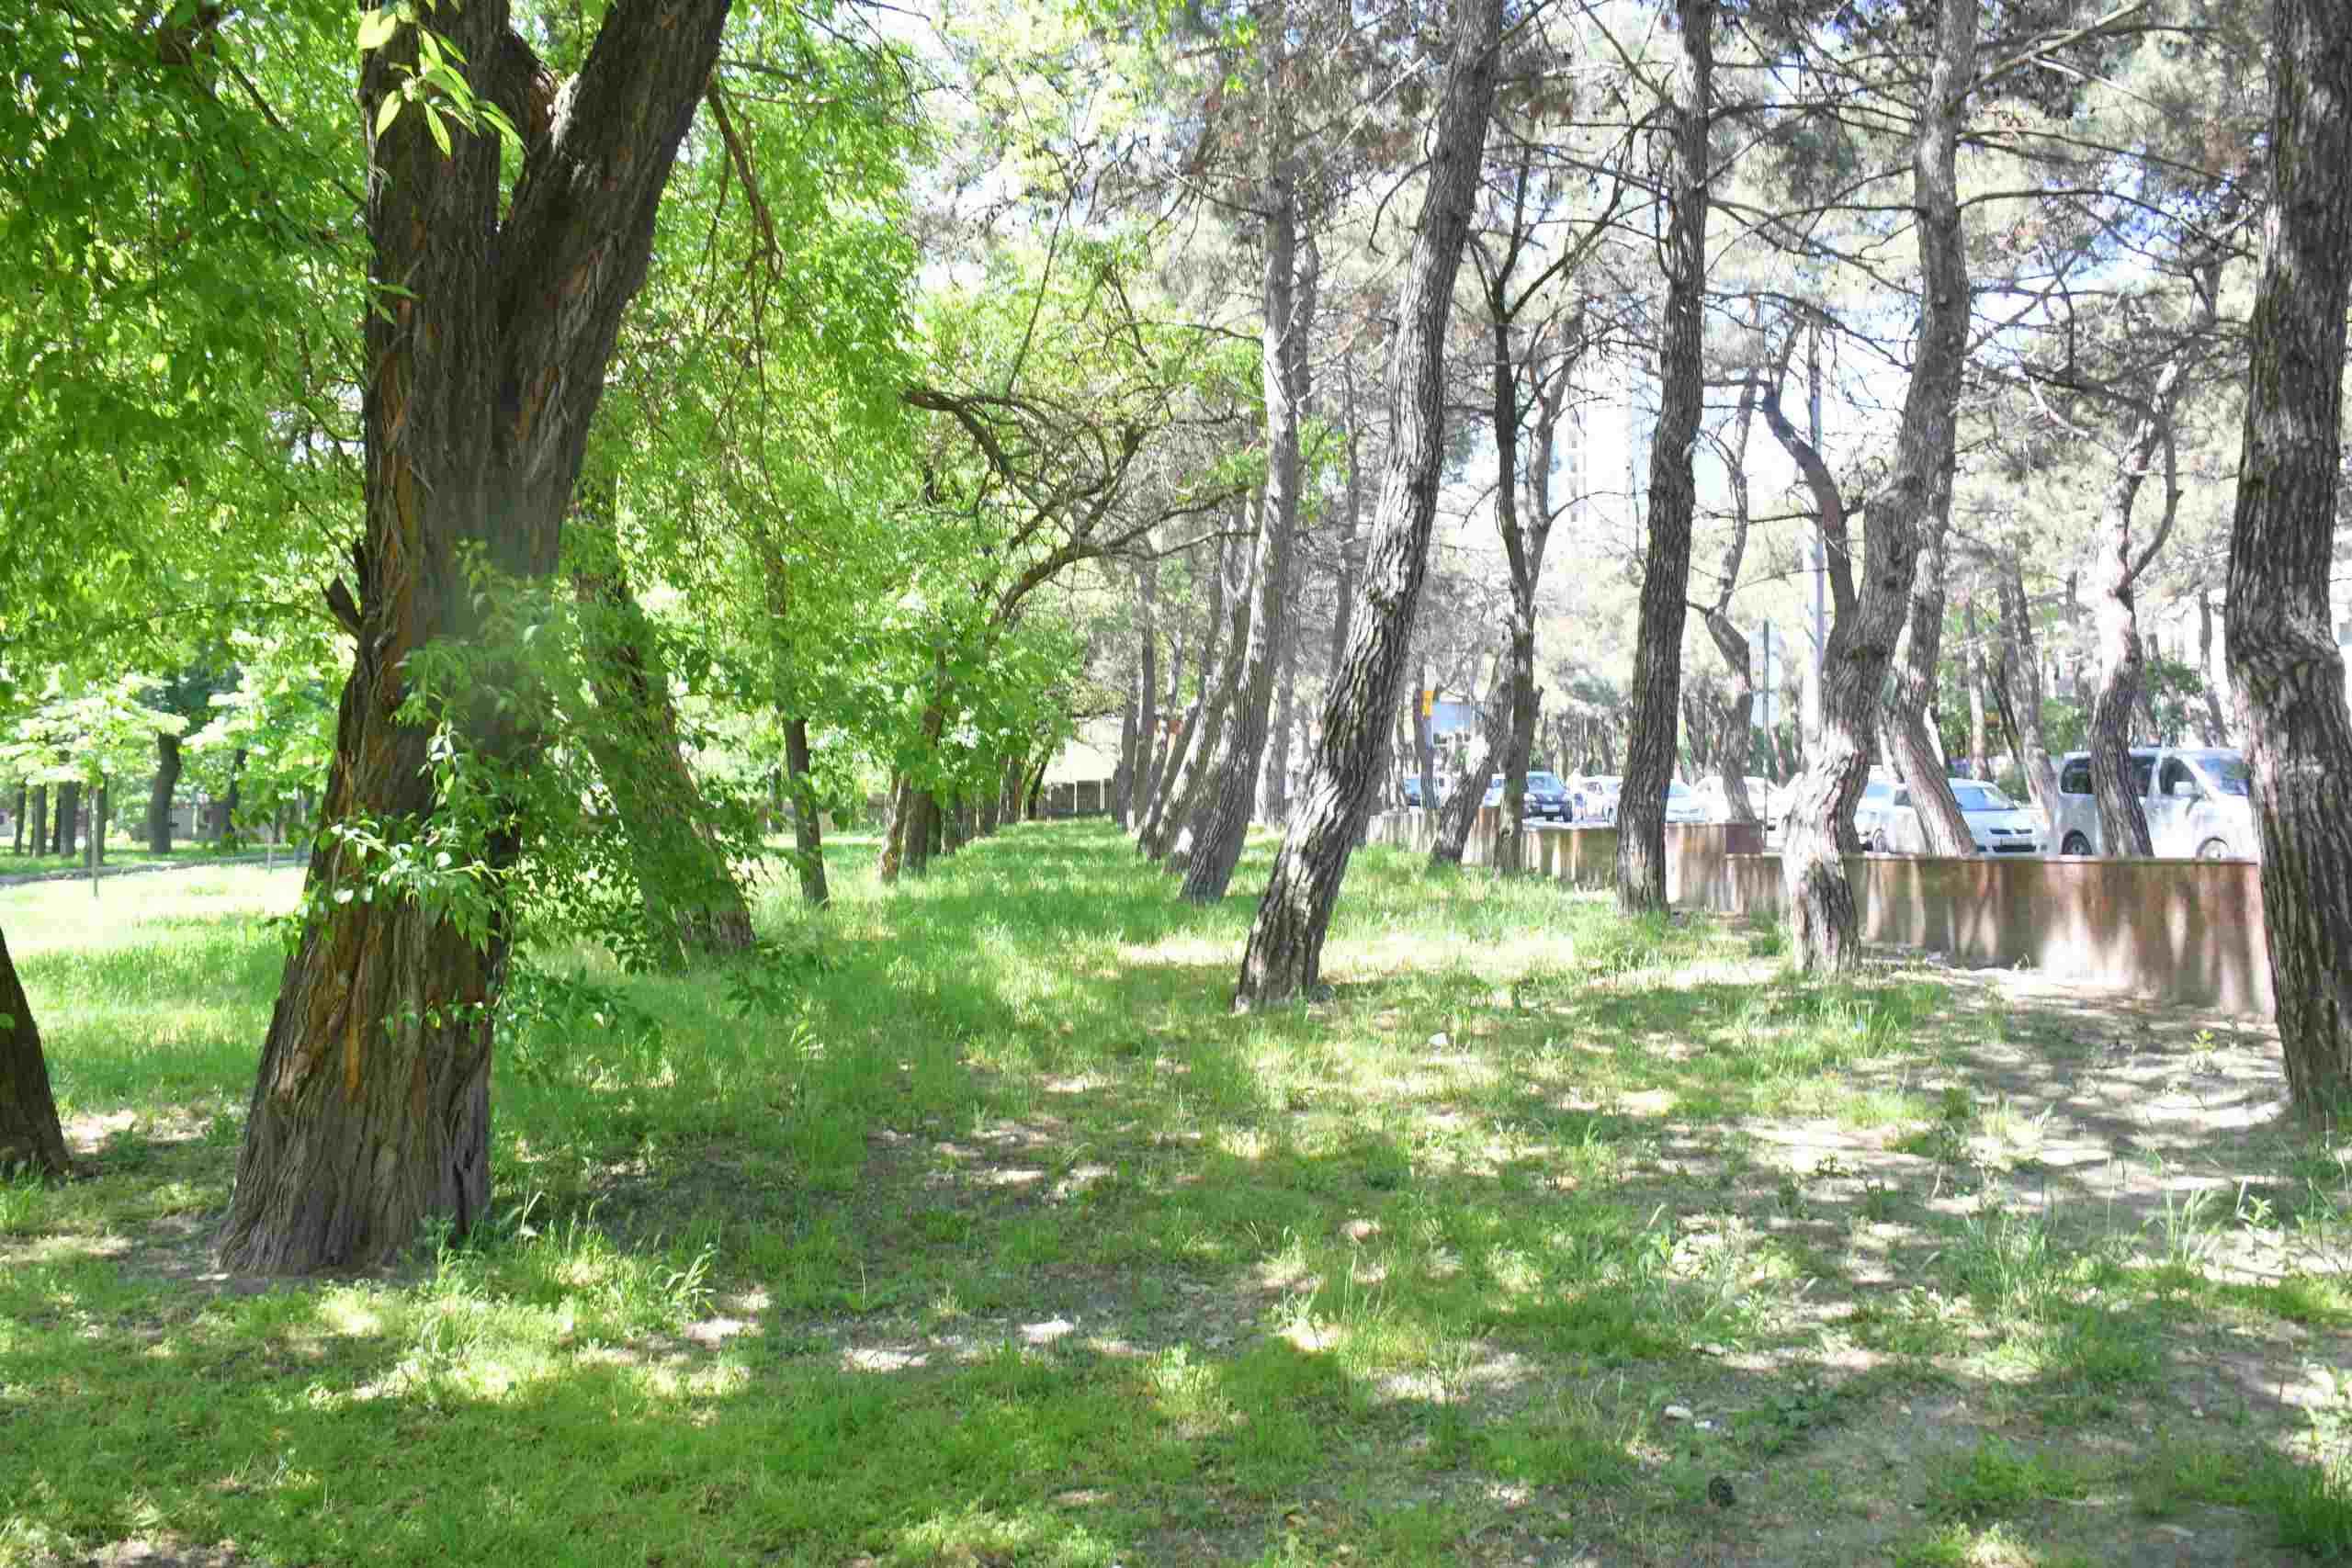 В Новороссийске, в парке им. Фрунзе, можно строить многоэтажки! Выводы независимой экспертизы шокировали защитников зеленых зон